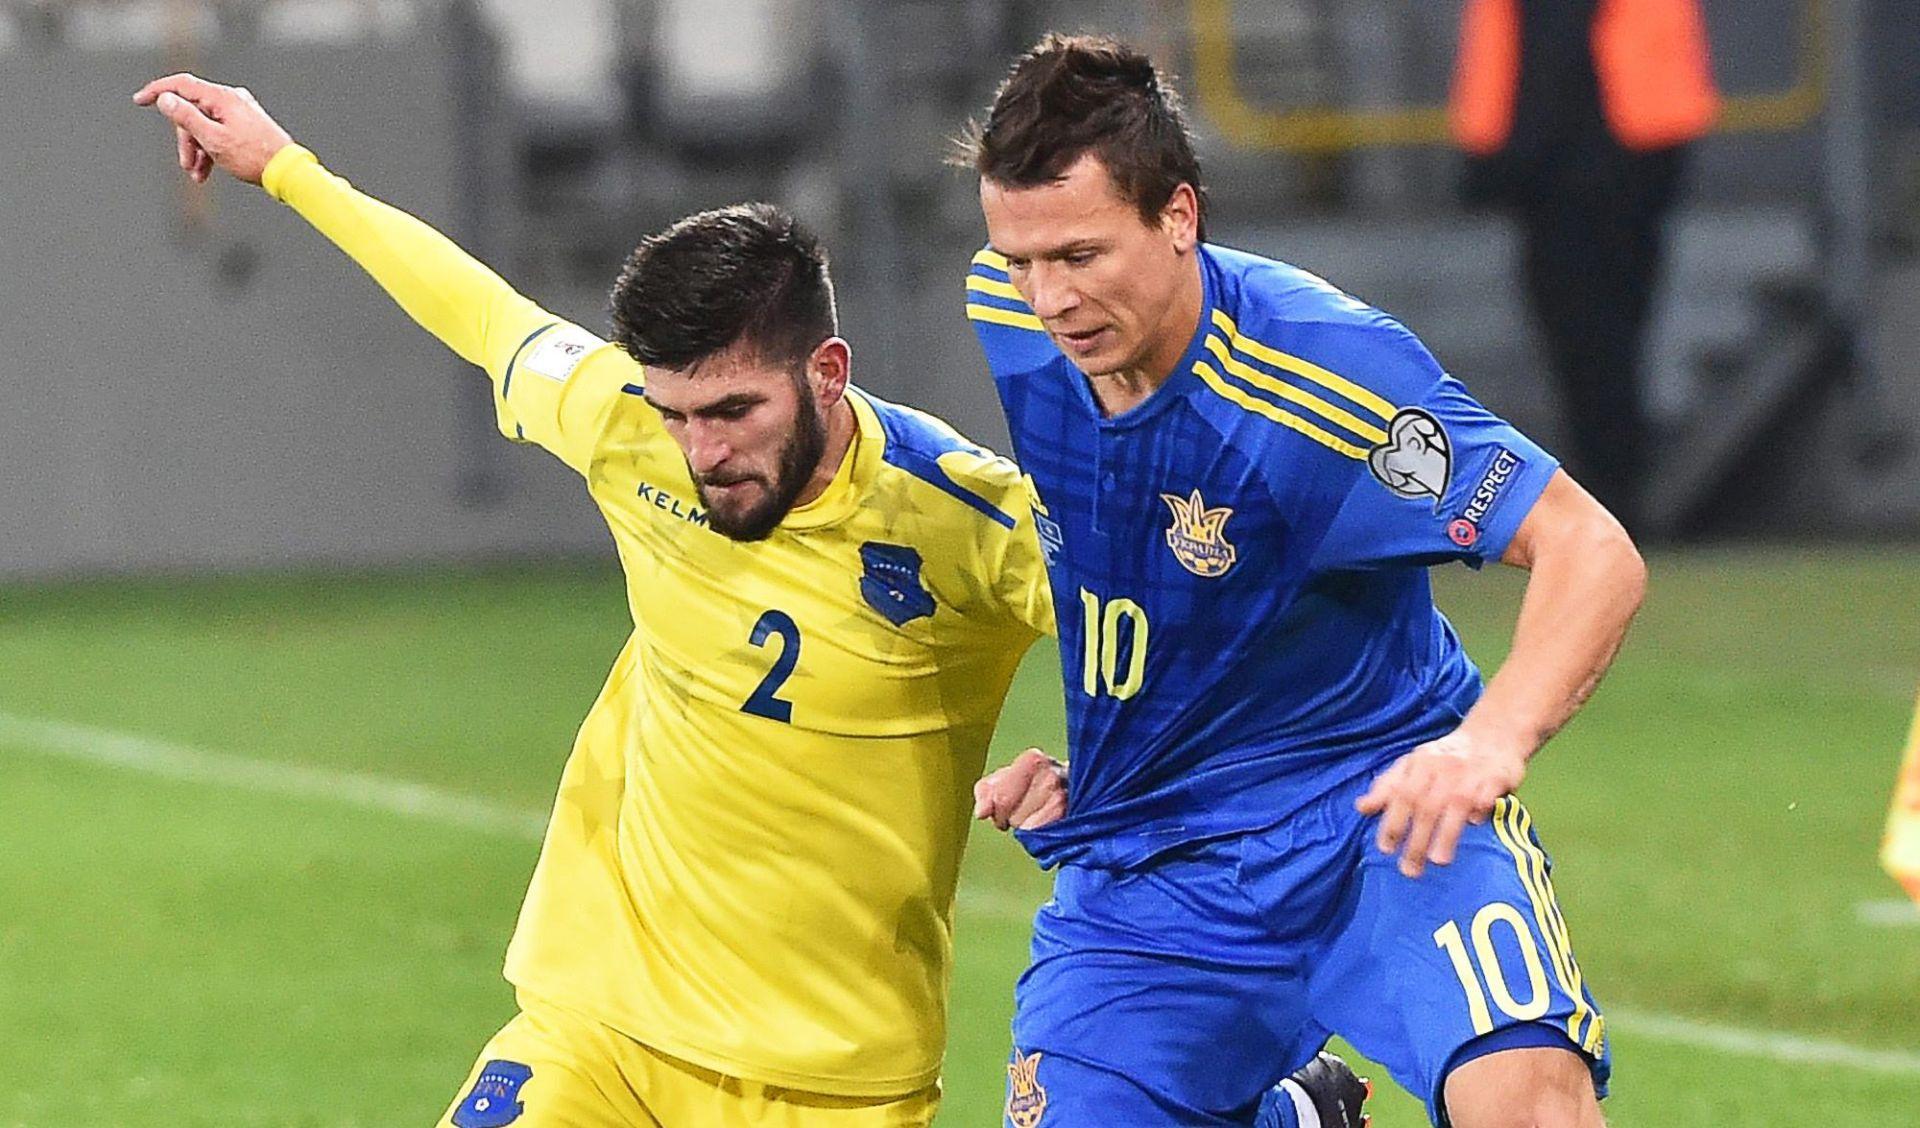 KVALIFIKACIJE ZA SP Ukrajina slavila protiv Kosova, Gruzija iznenadila Wales